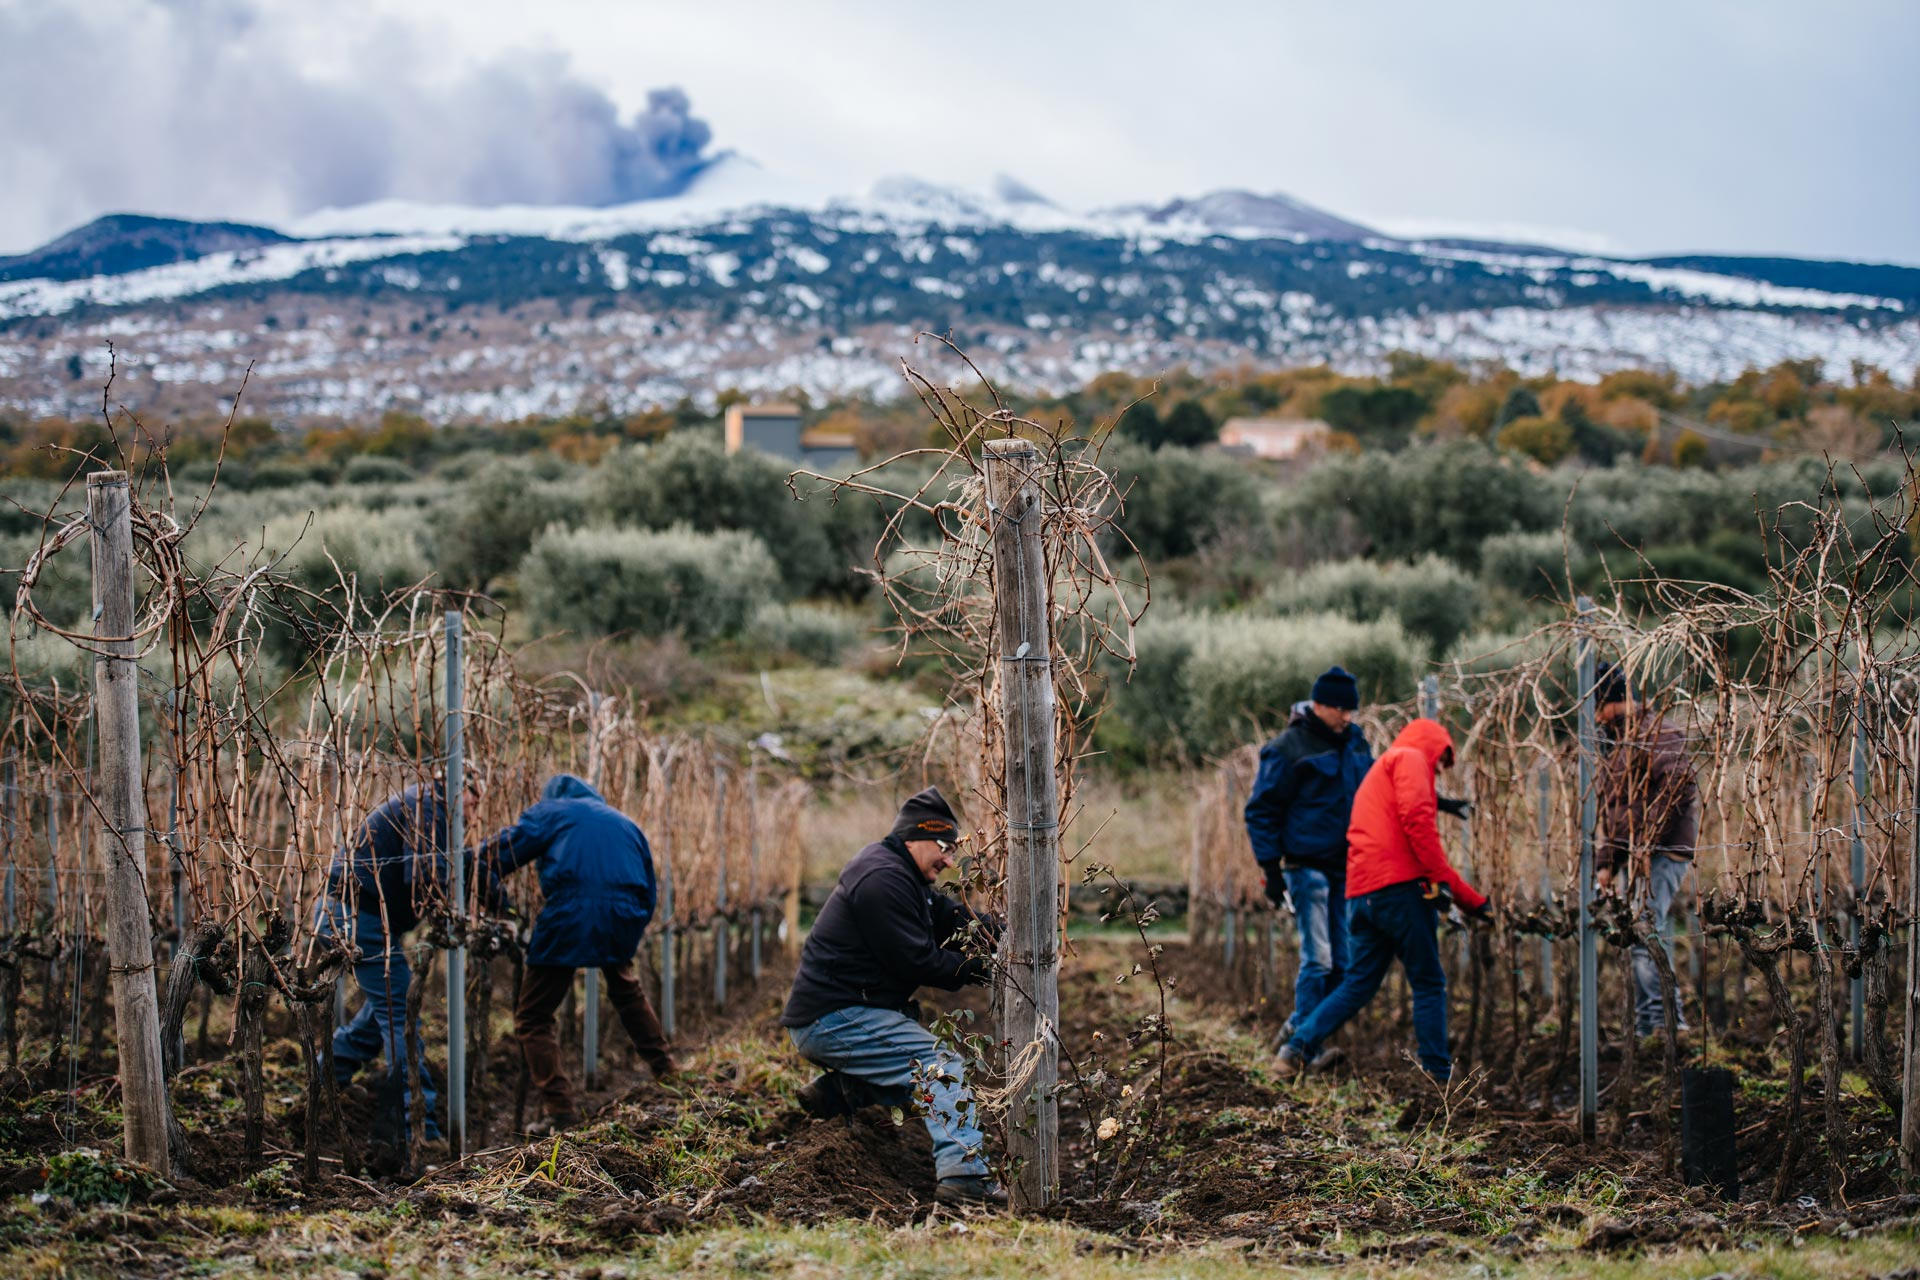 Formation en taille d'hiver | Tenuta delle Terrenere | Etna | Sicile